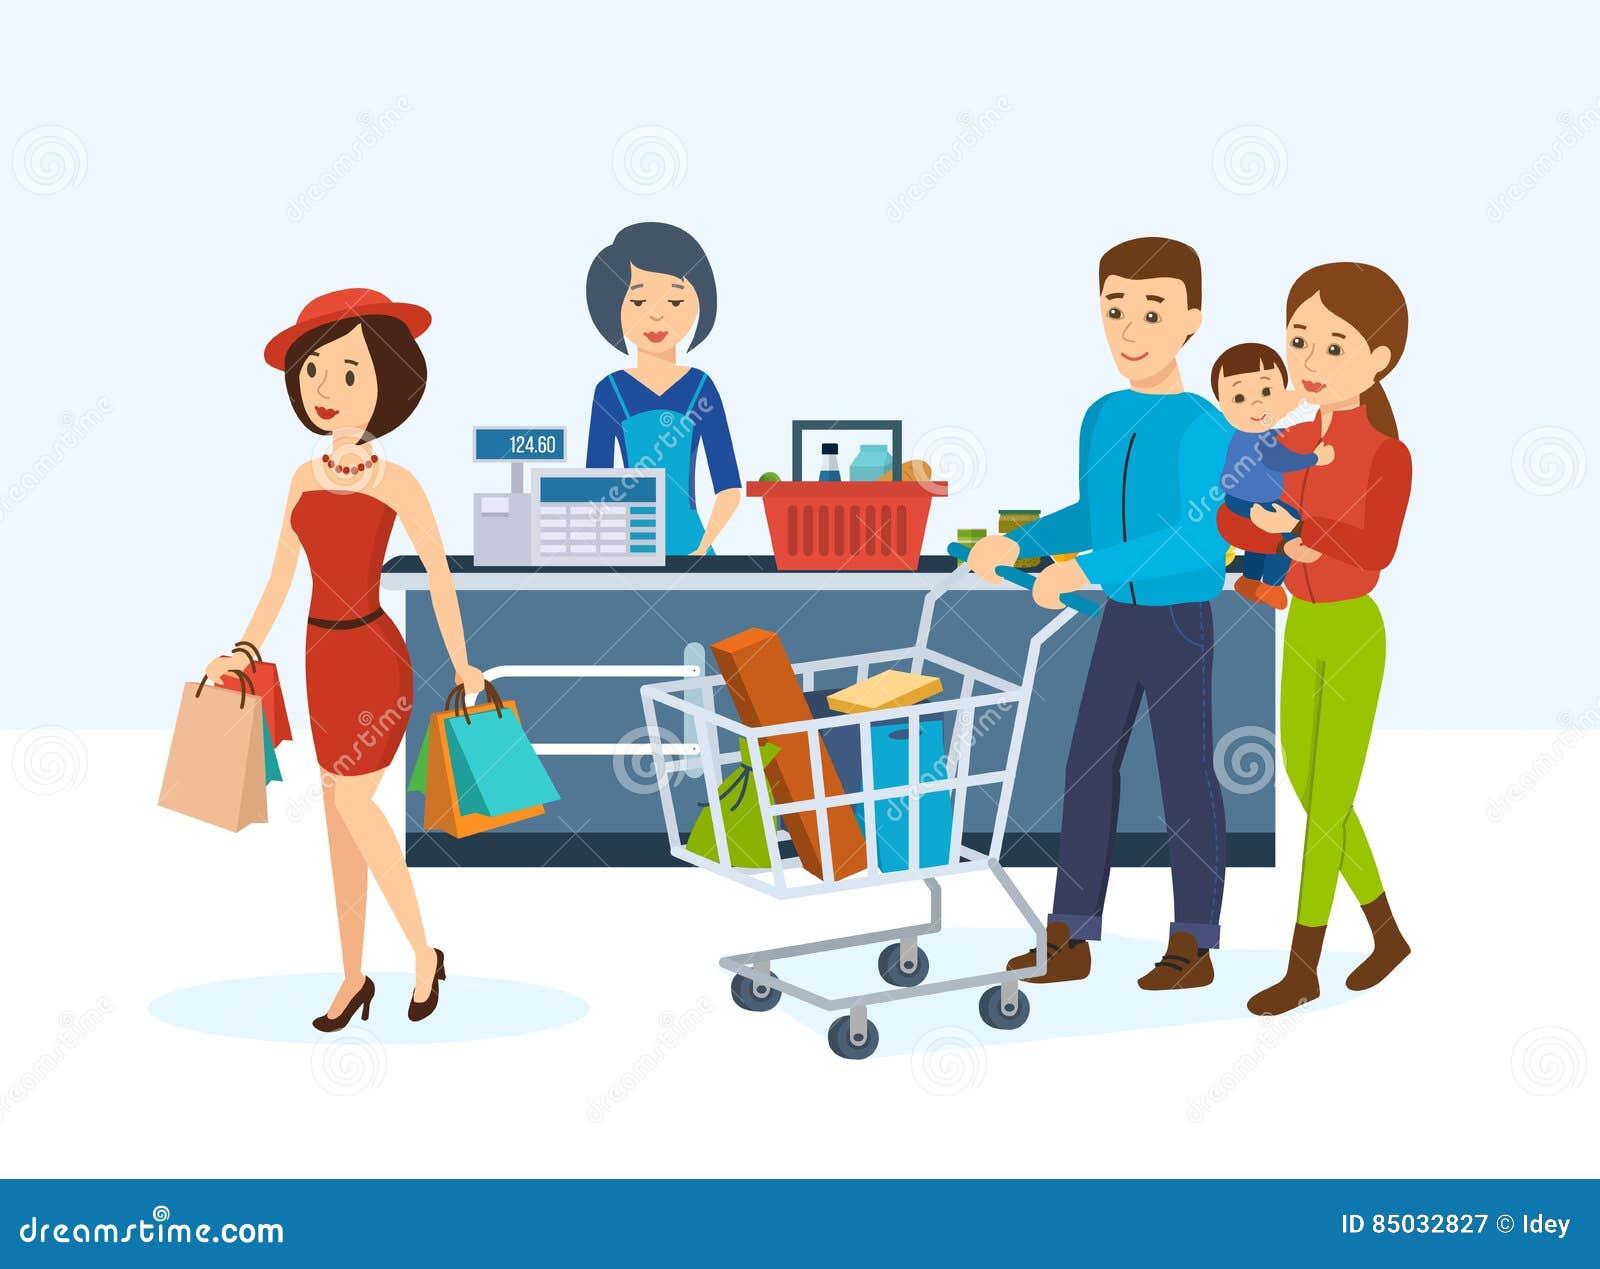 Köpare går runt om lagret för att inhandla gods